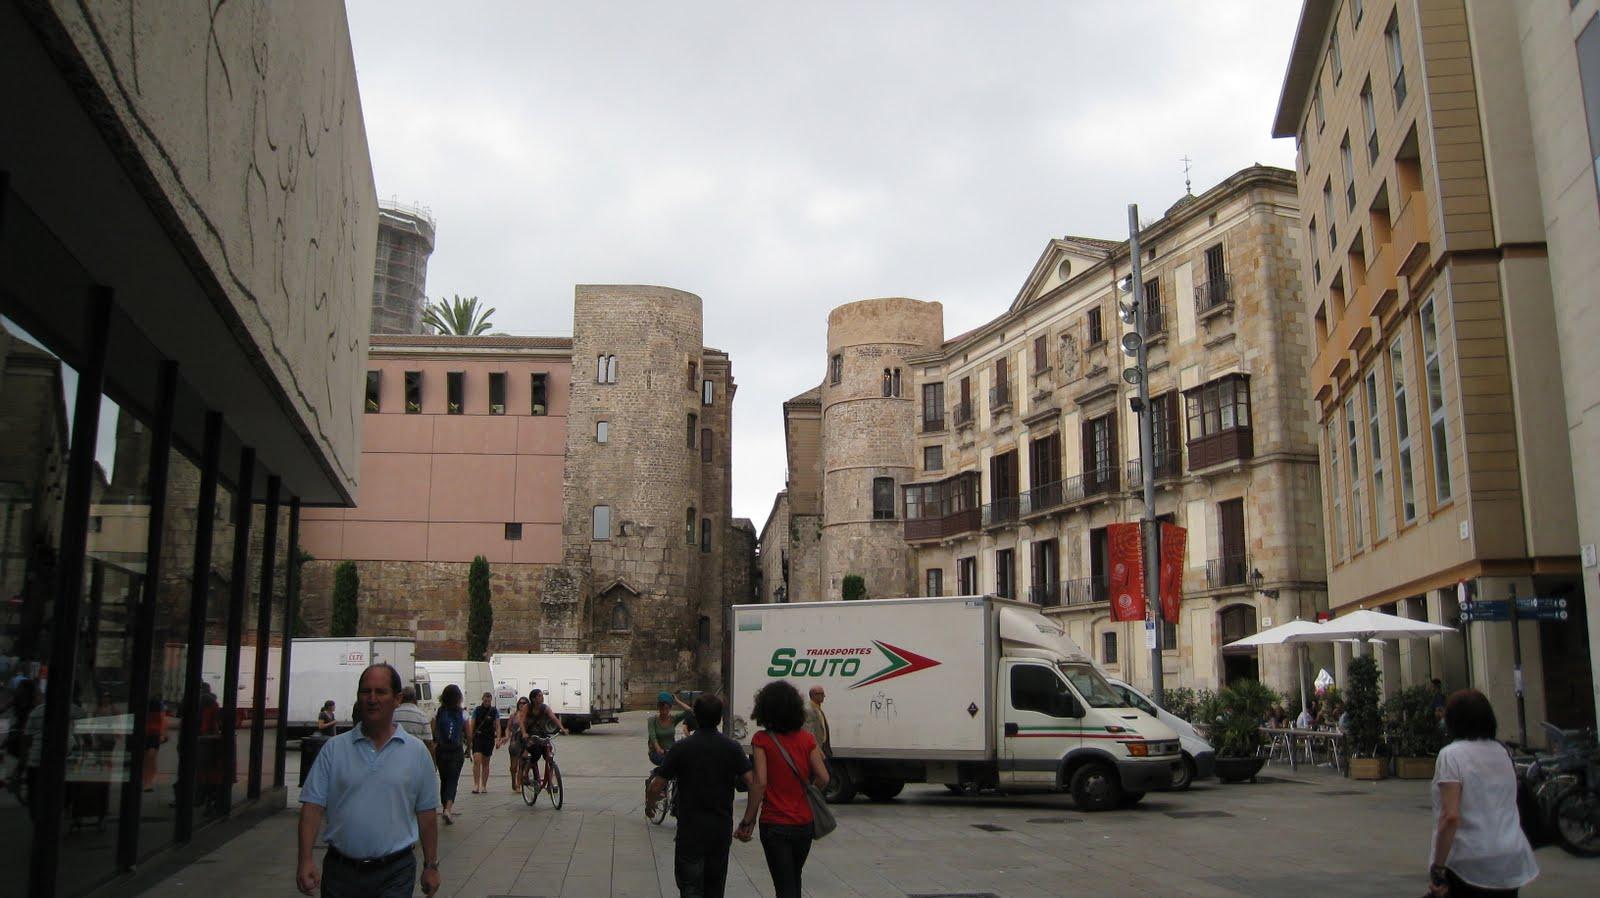 Pei espa a 2011 marcela carvajal recorrido centro - Centro historico de madrid ...